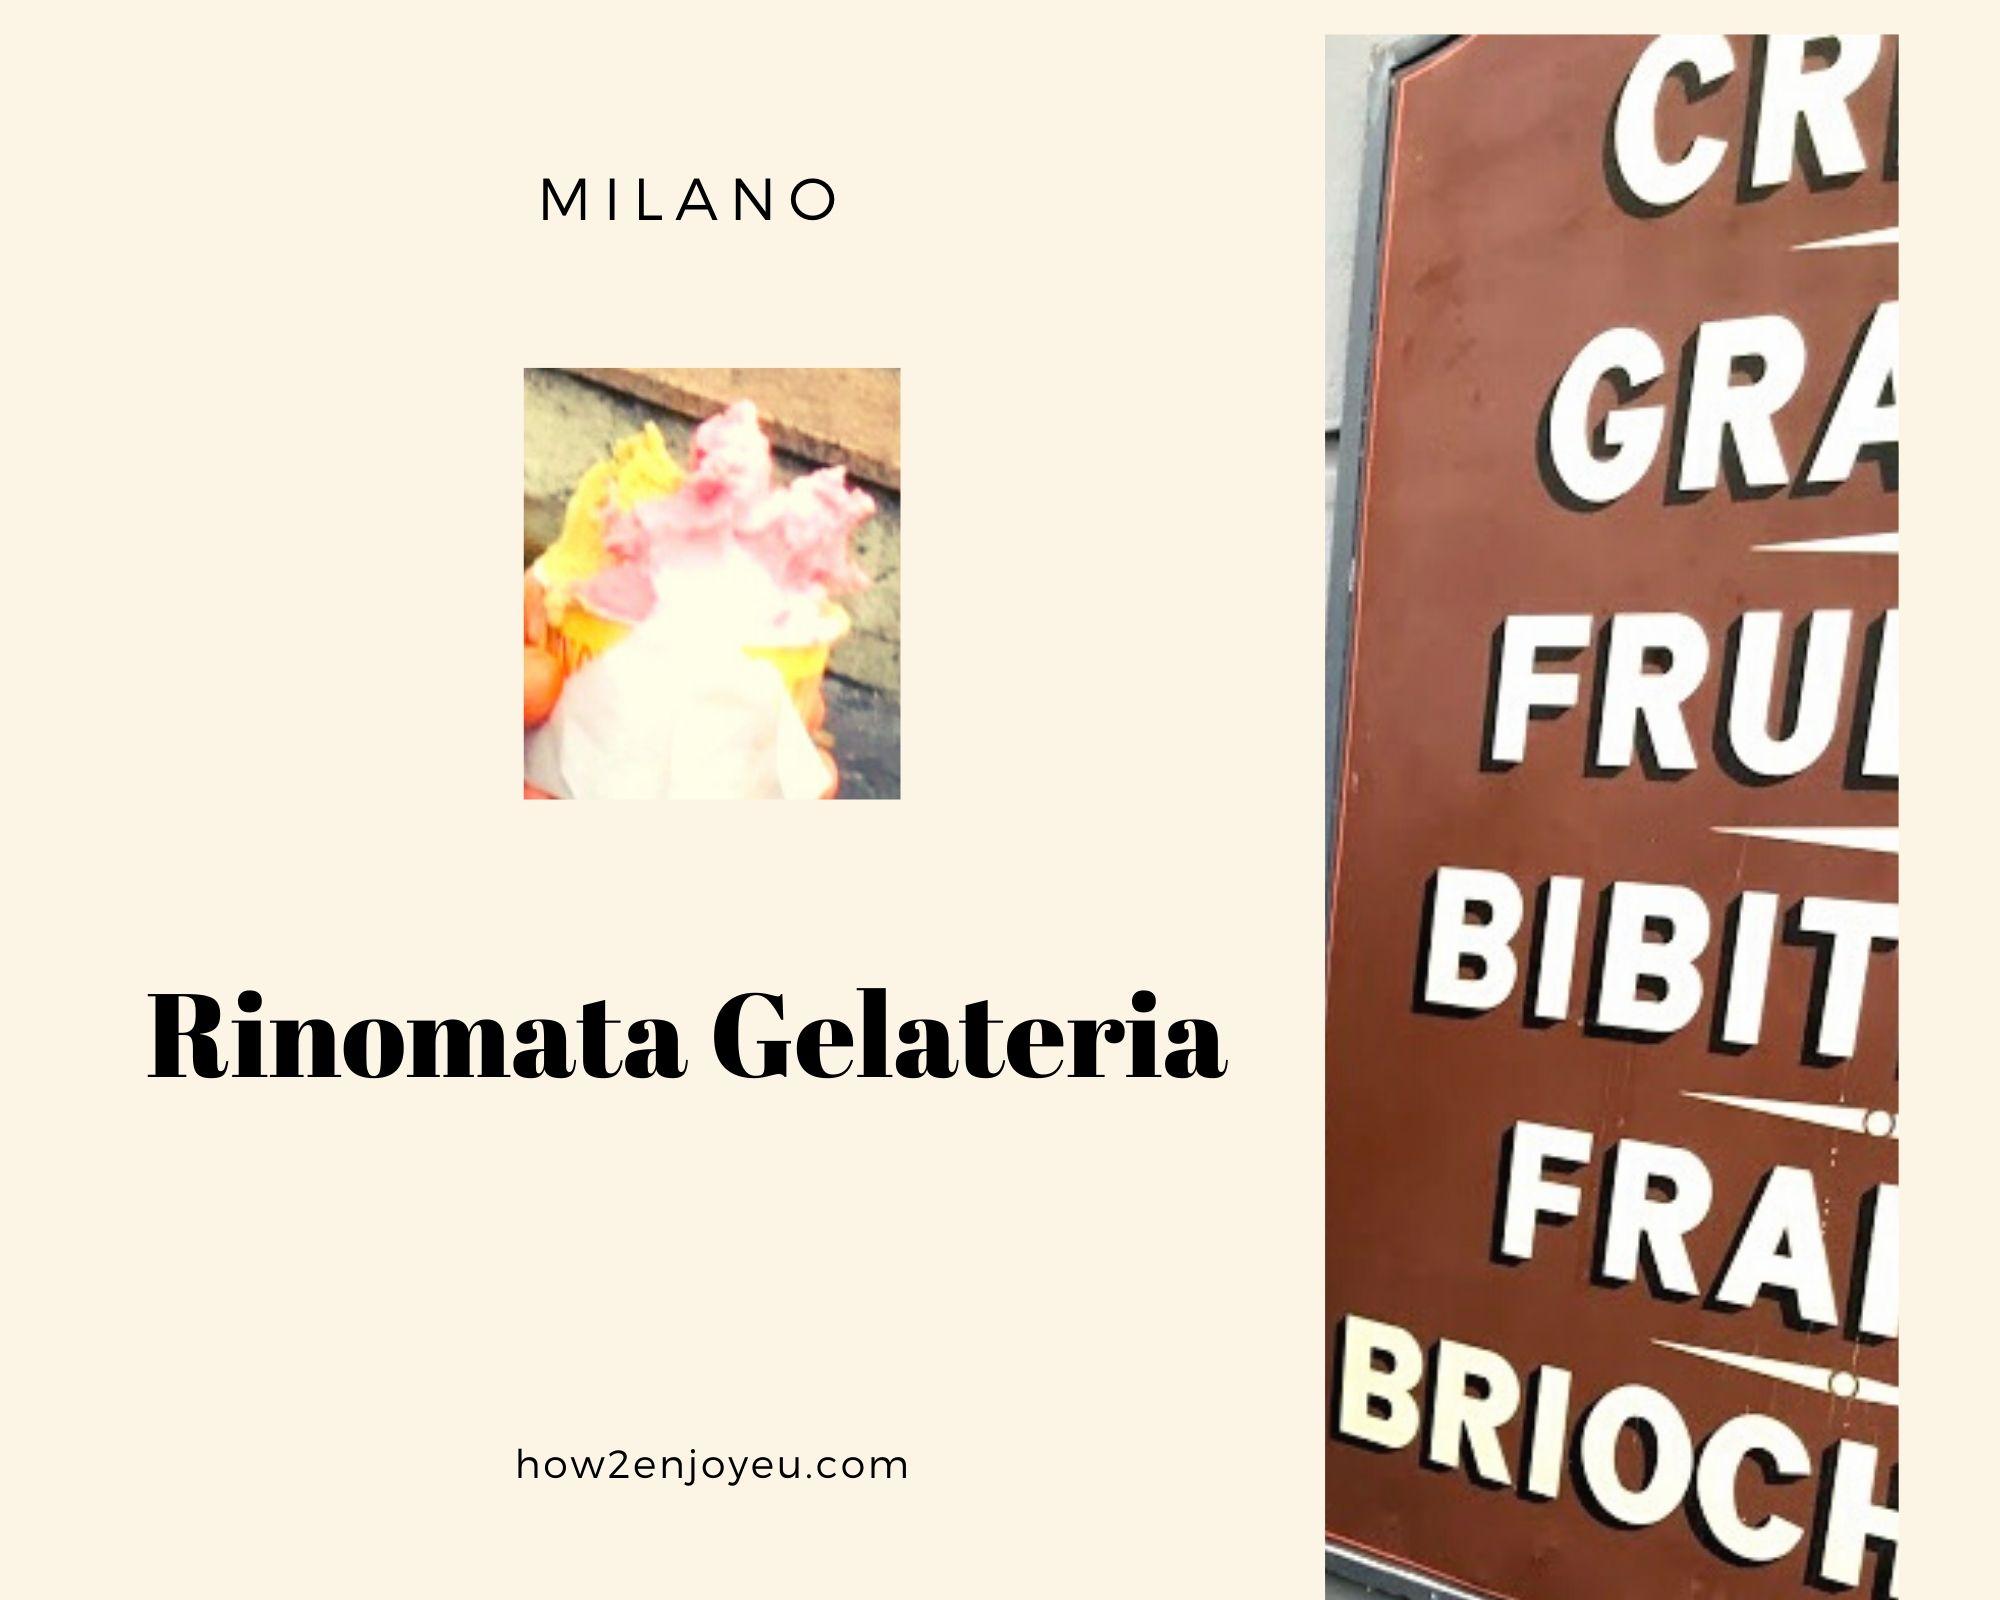 ミラノでジェラートを食べるなら、Rinomata Gelateriaがイチオシ!